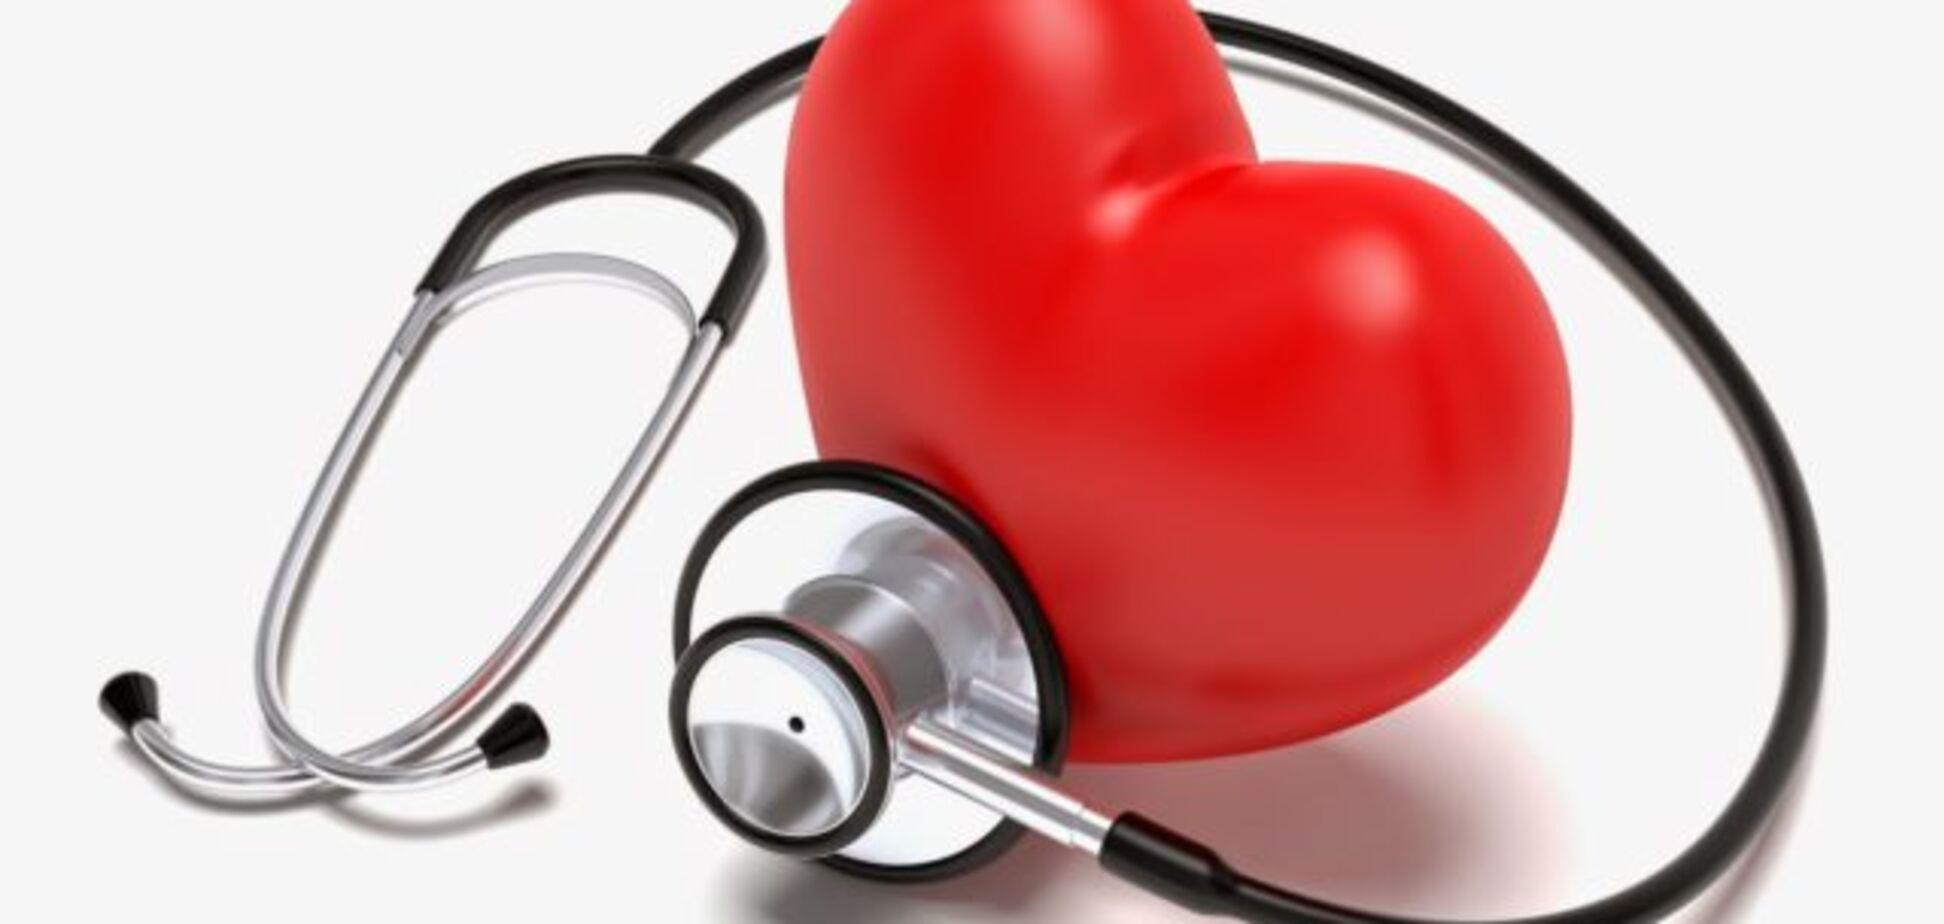 Коронарный синдром: почему страдают сосуды сердца?